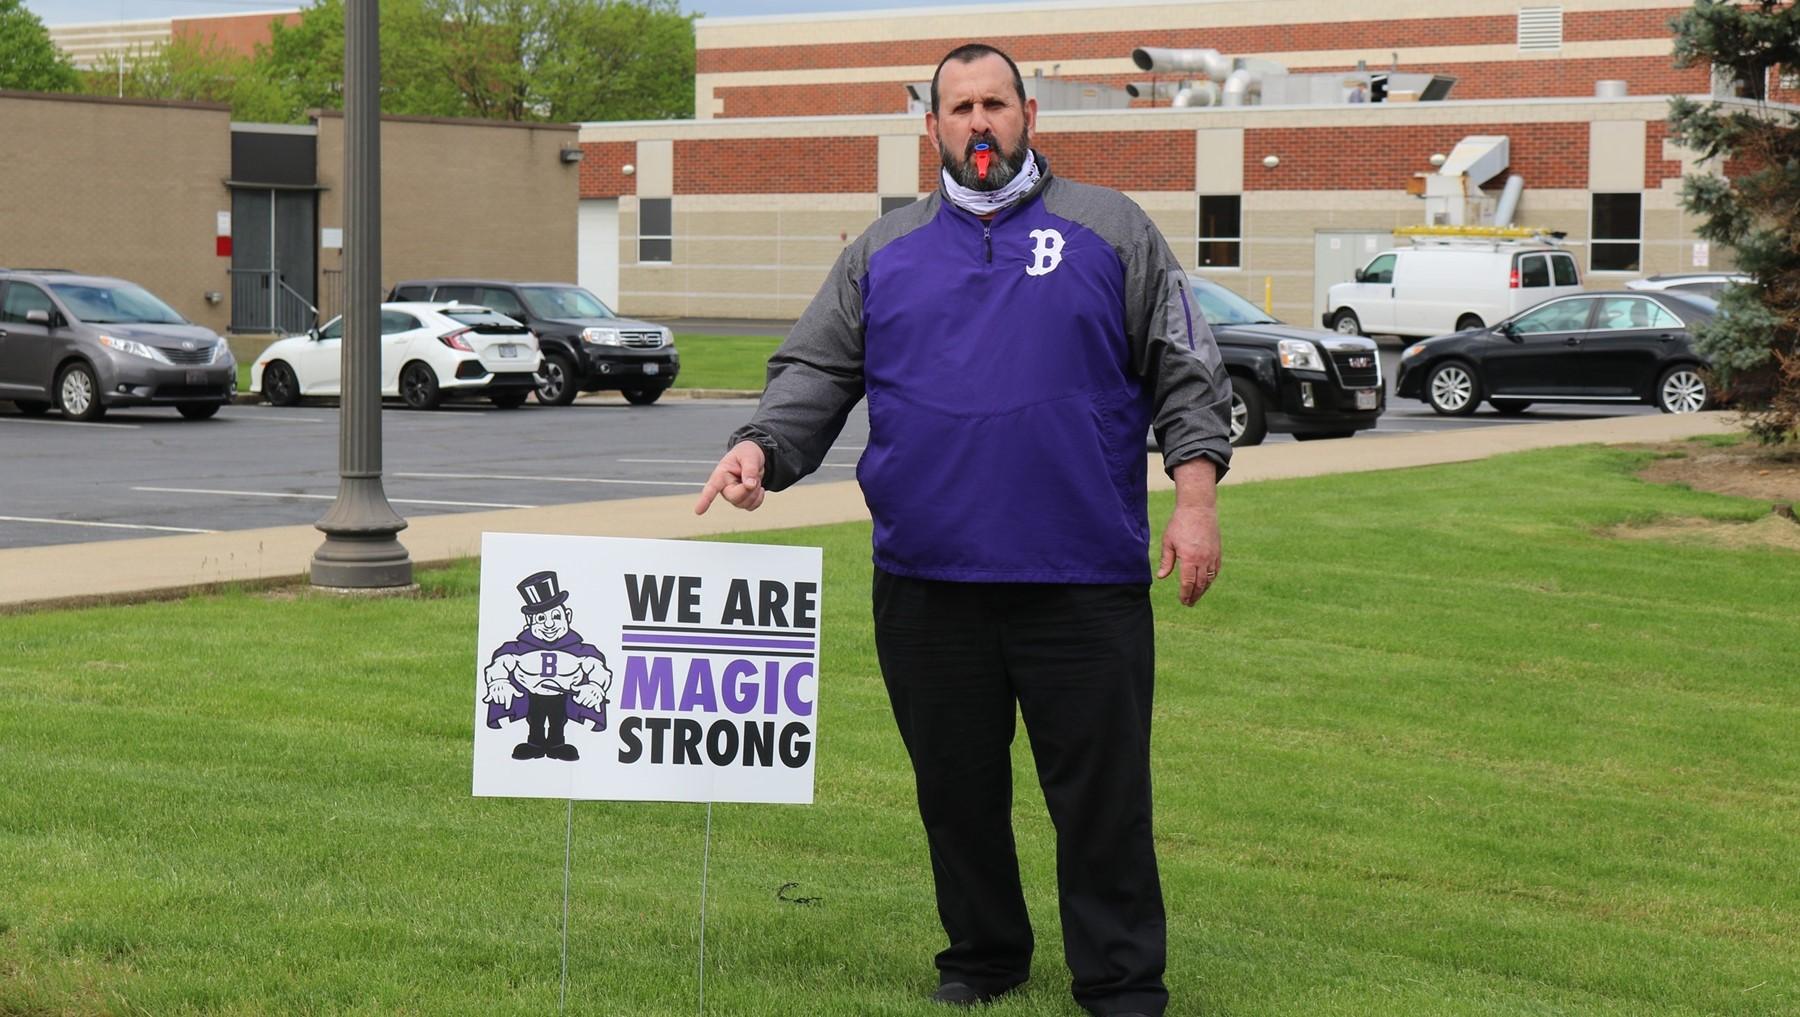 MAGIC STRONG!